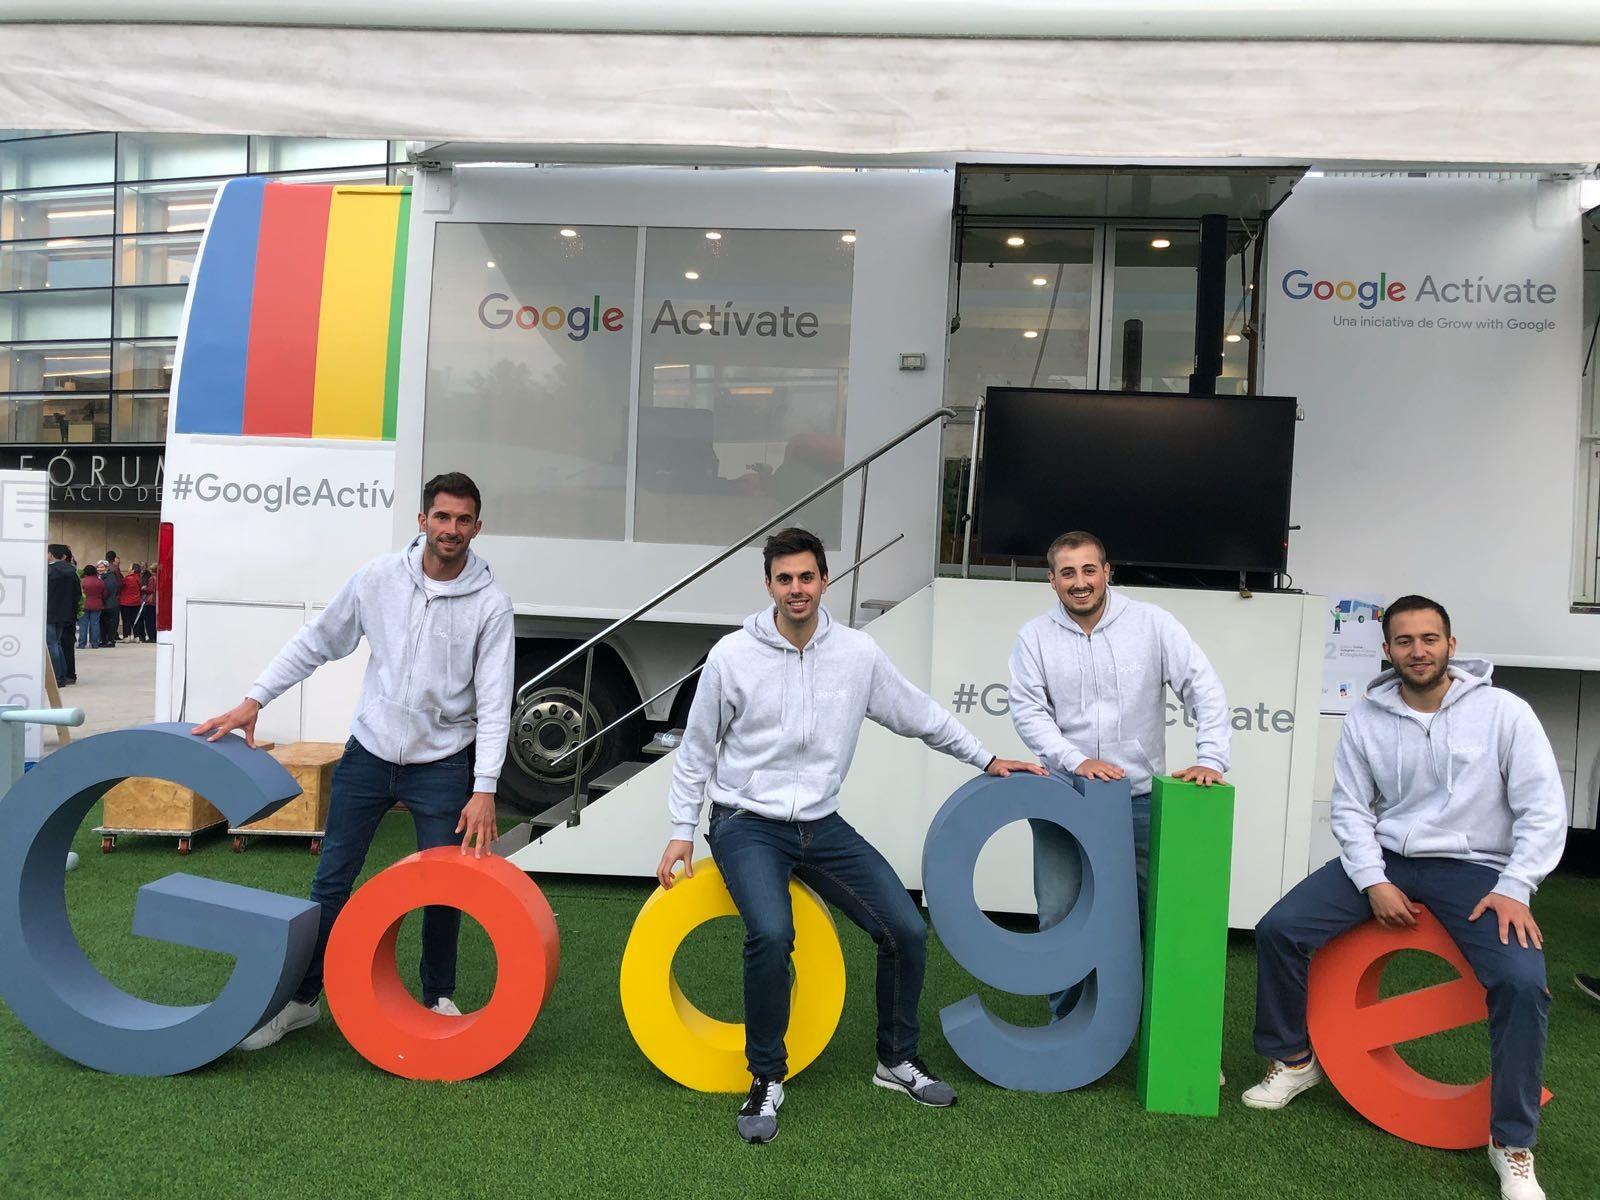 Google Roadshow: El autobús de Google llega a diferentes ciudades de España.